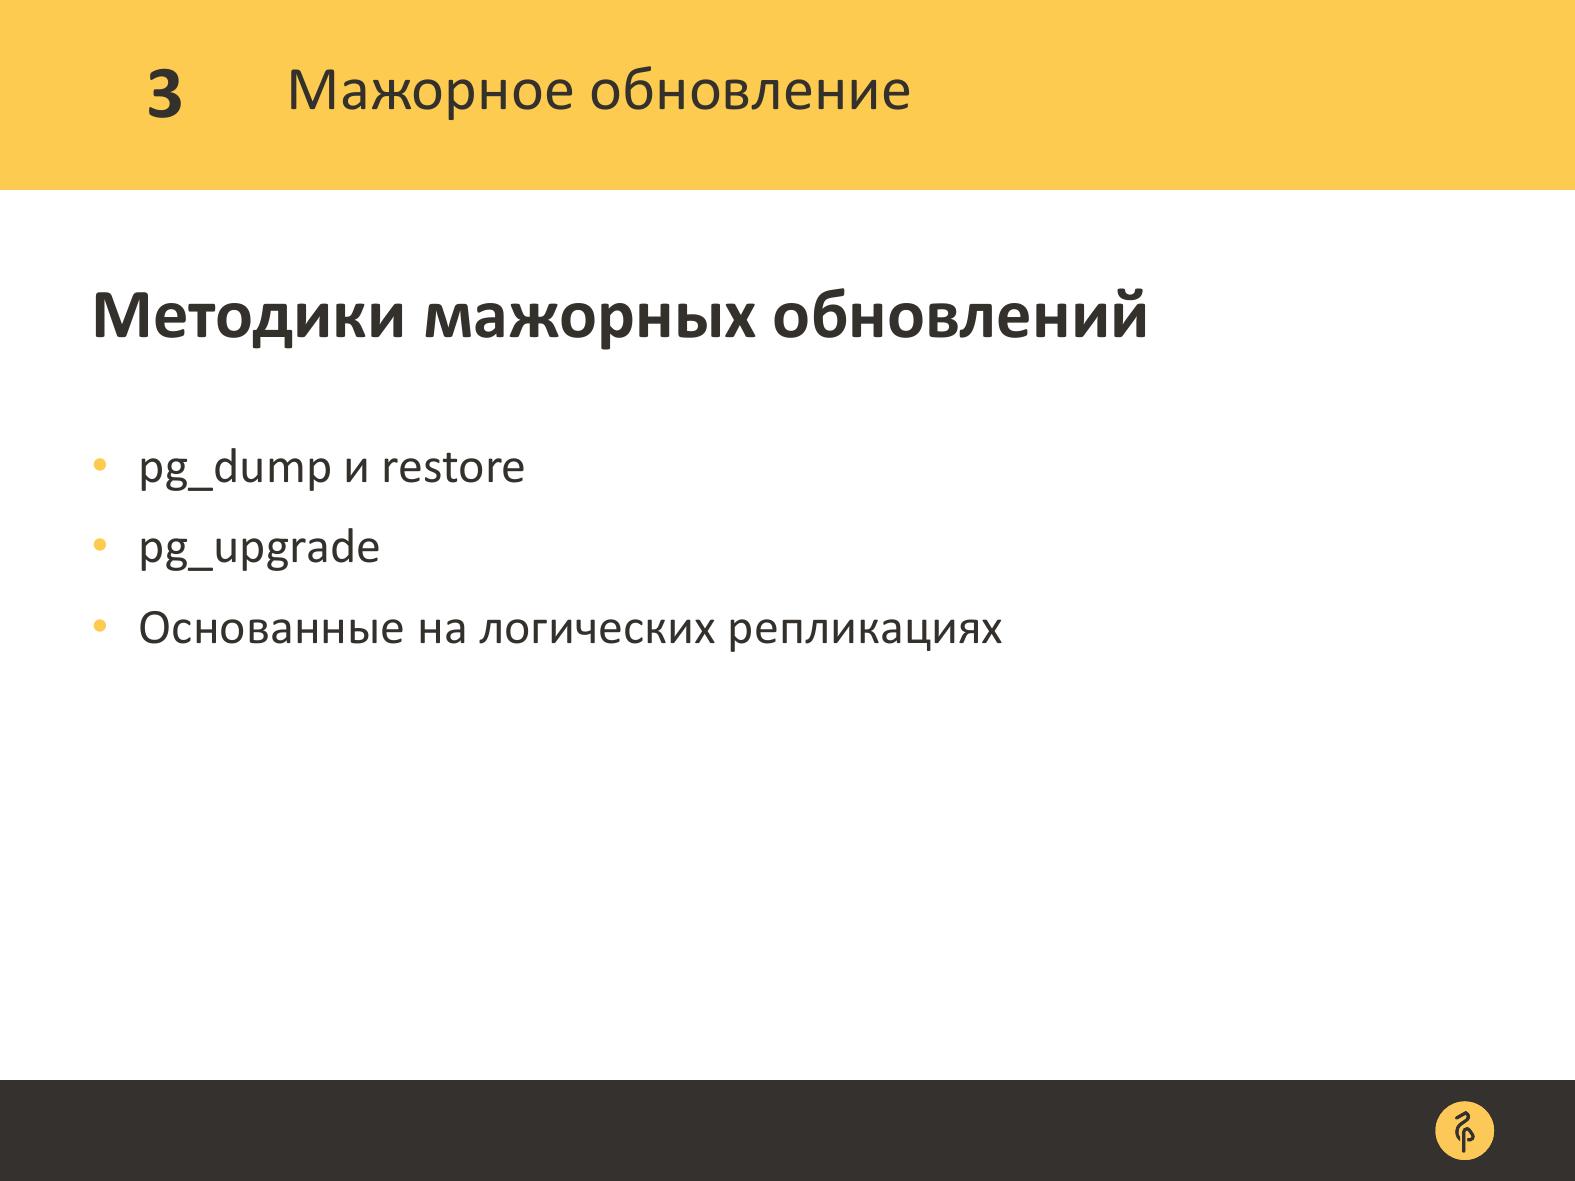 Практика обновления версий PostgreSQL. Андрей Сальников - 11